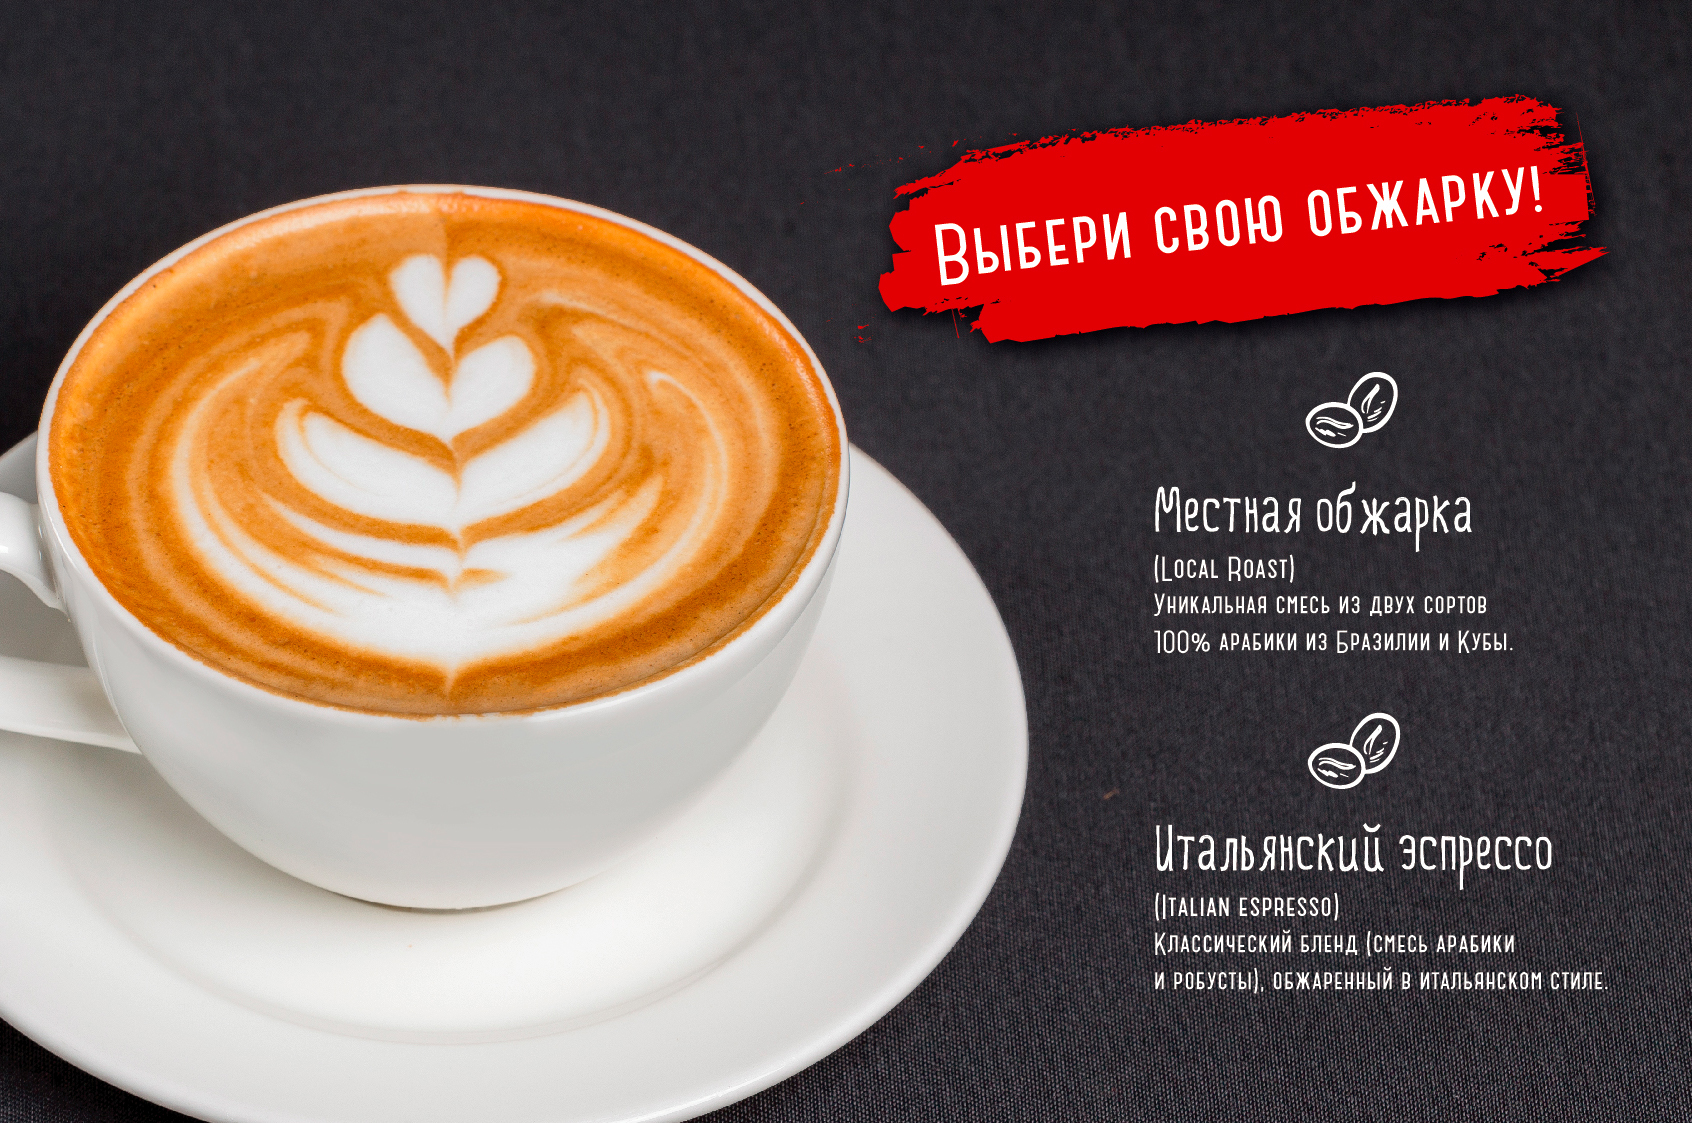 Выбери свою обжарку кофе в Terra!